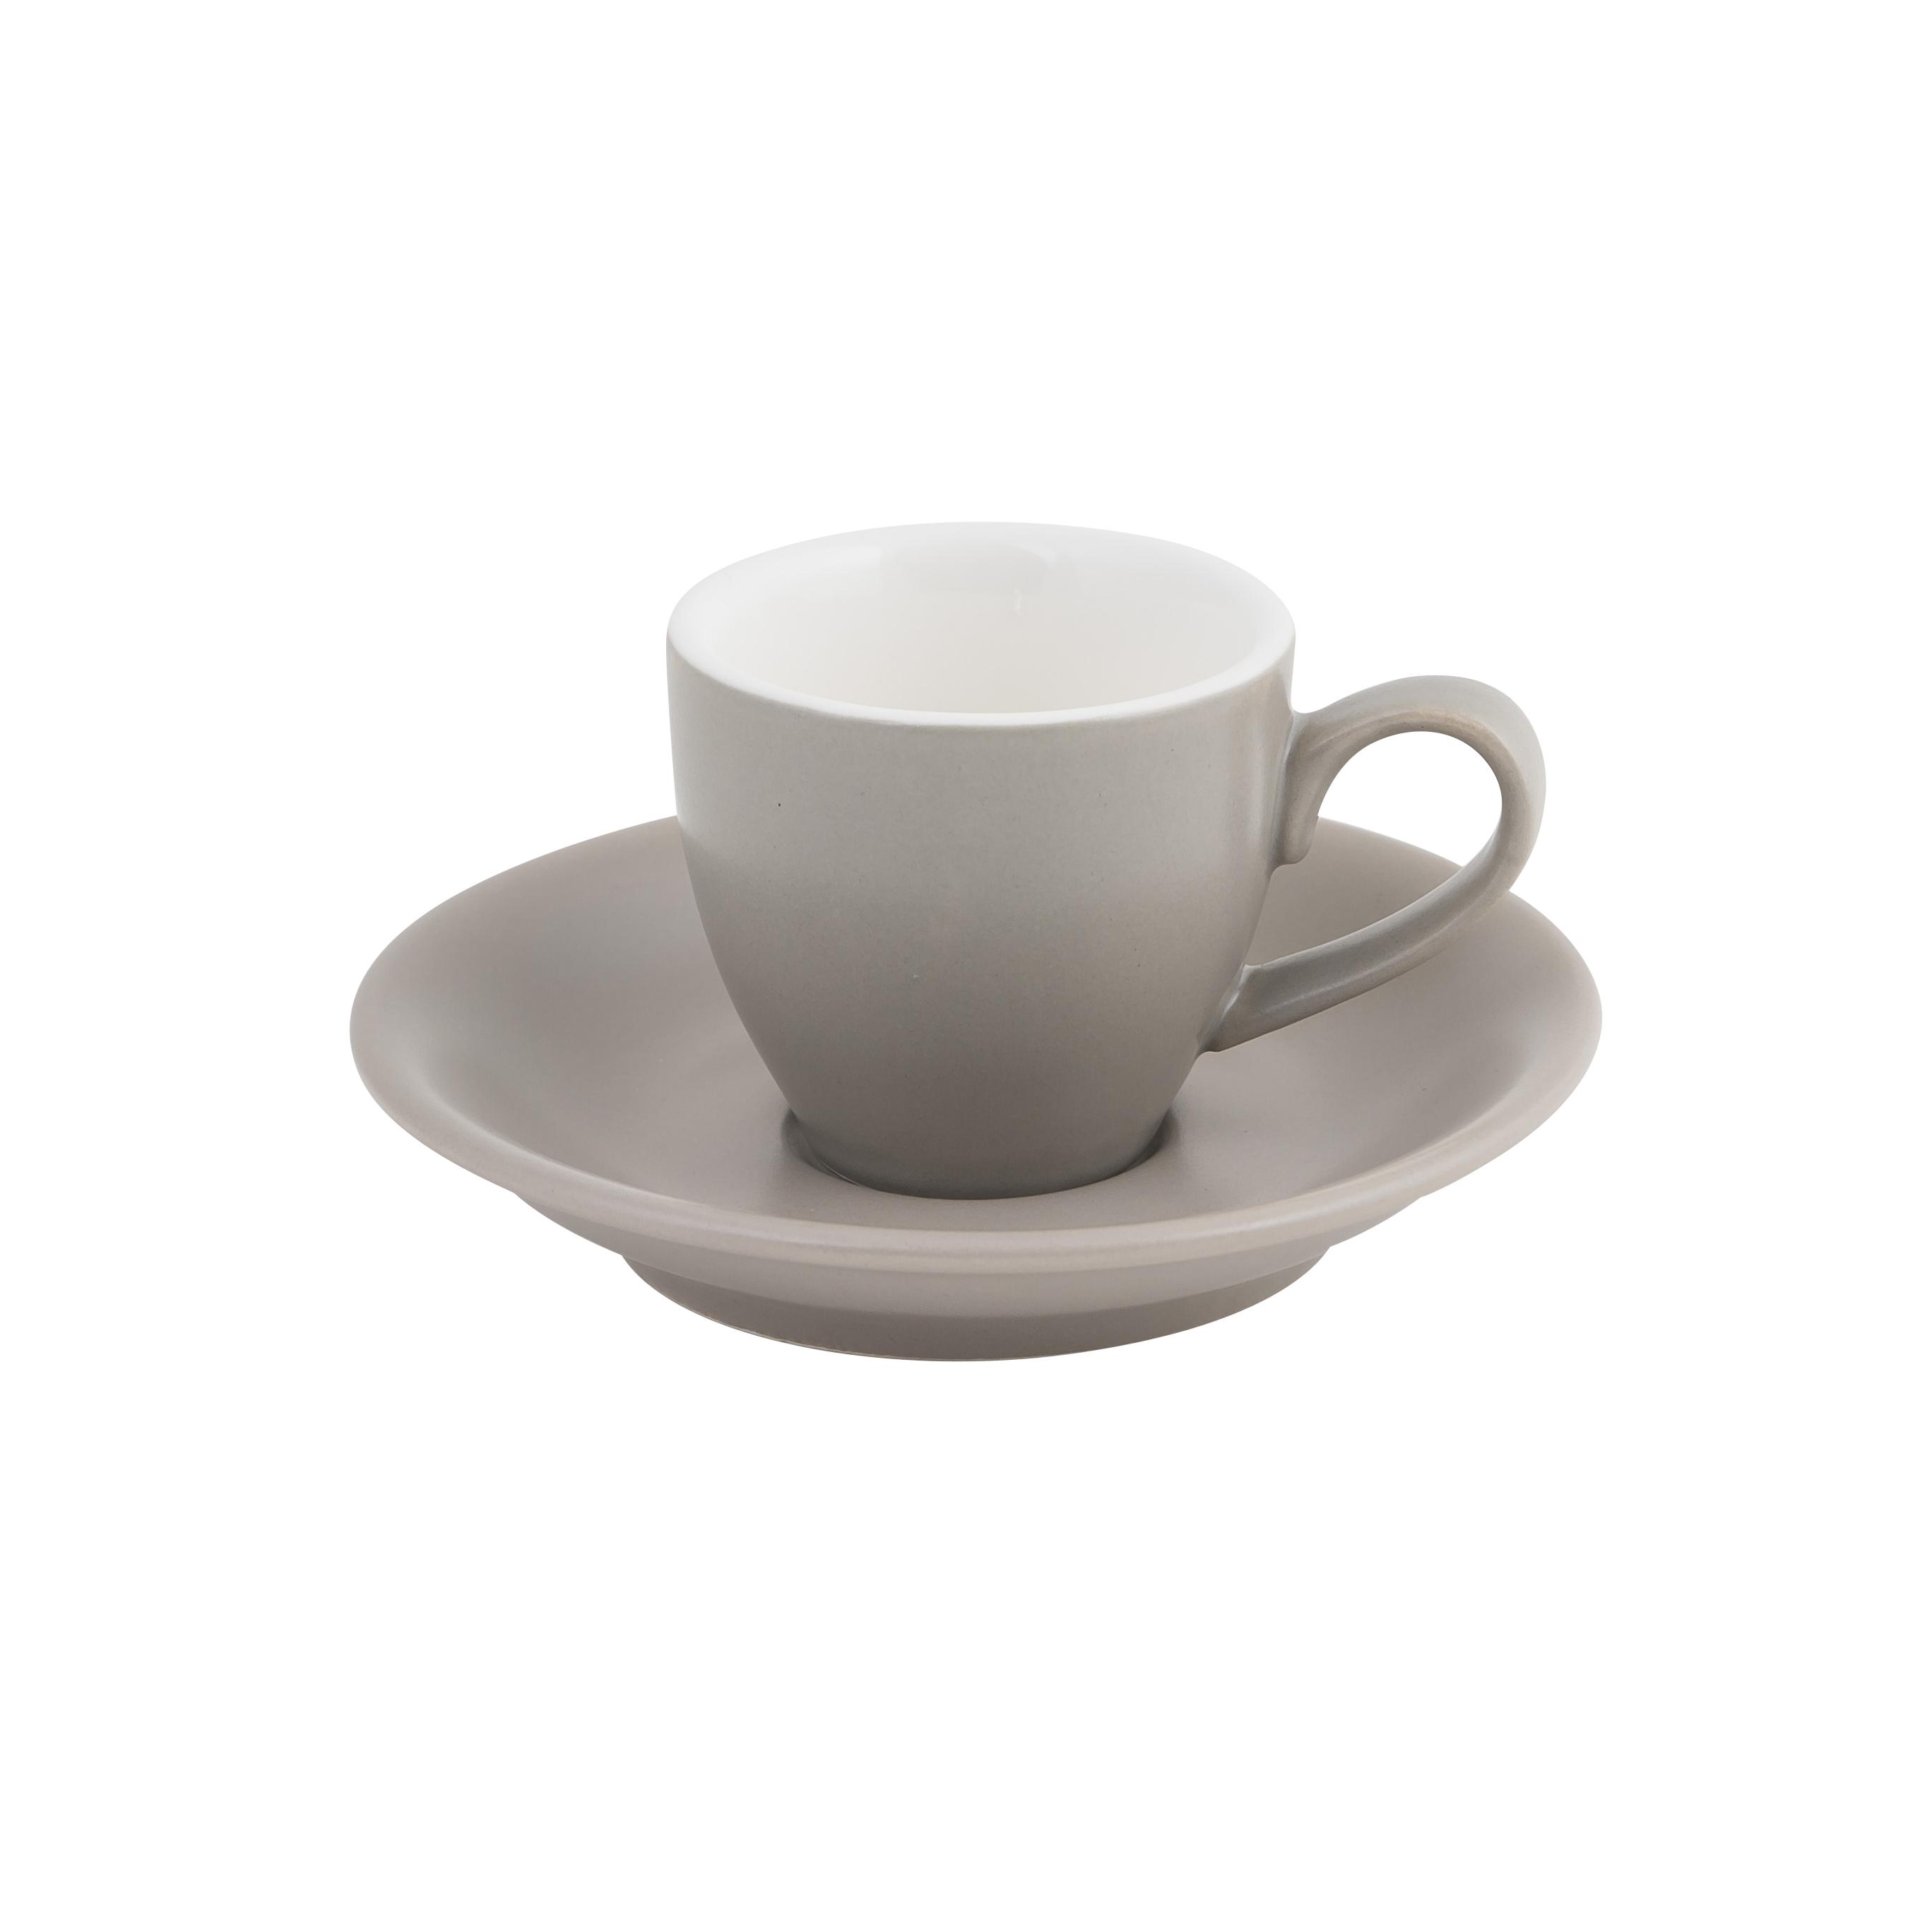 Intorno Espresso Cup & Saucer